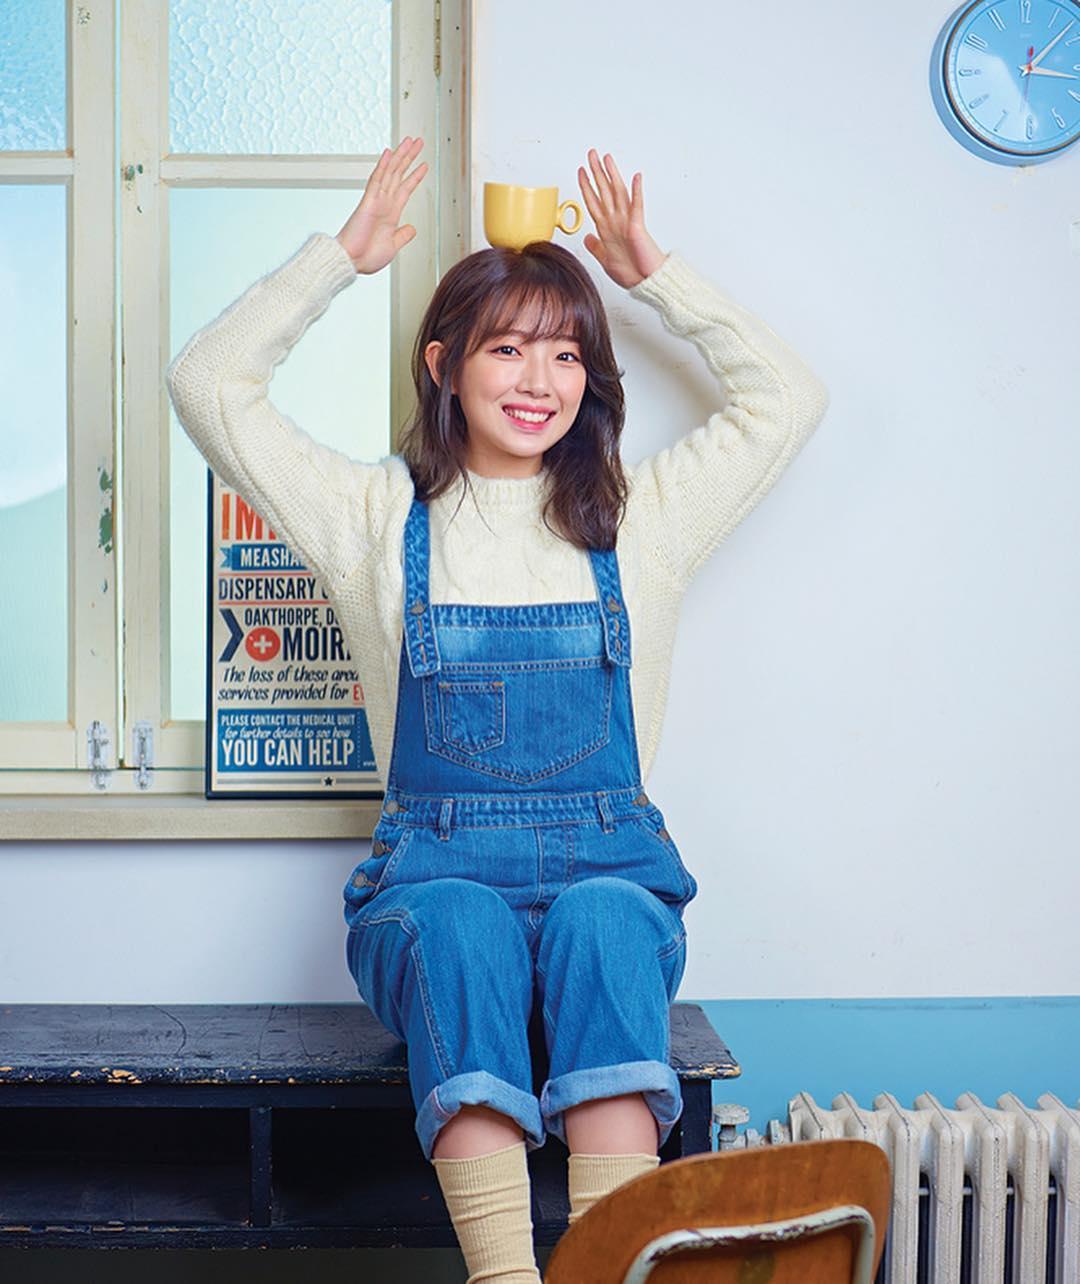 秀智+雪莉+雪莉?因为明星脸这位韩国大学生爆红,进军演艺圈指日可待!插图15